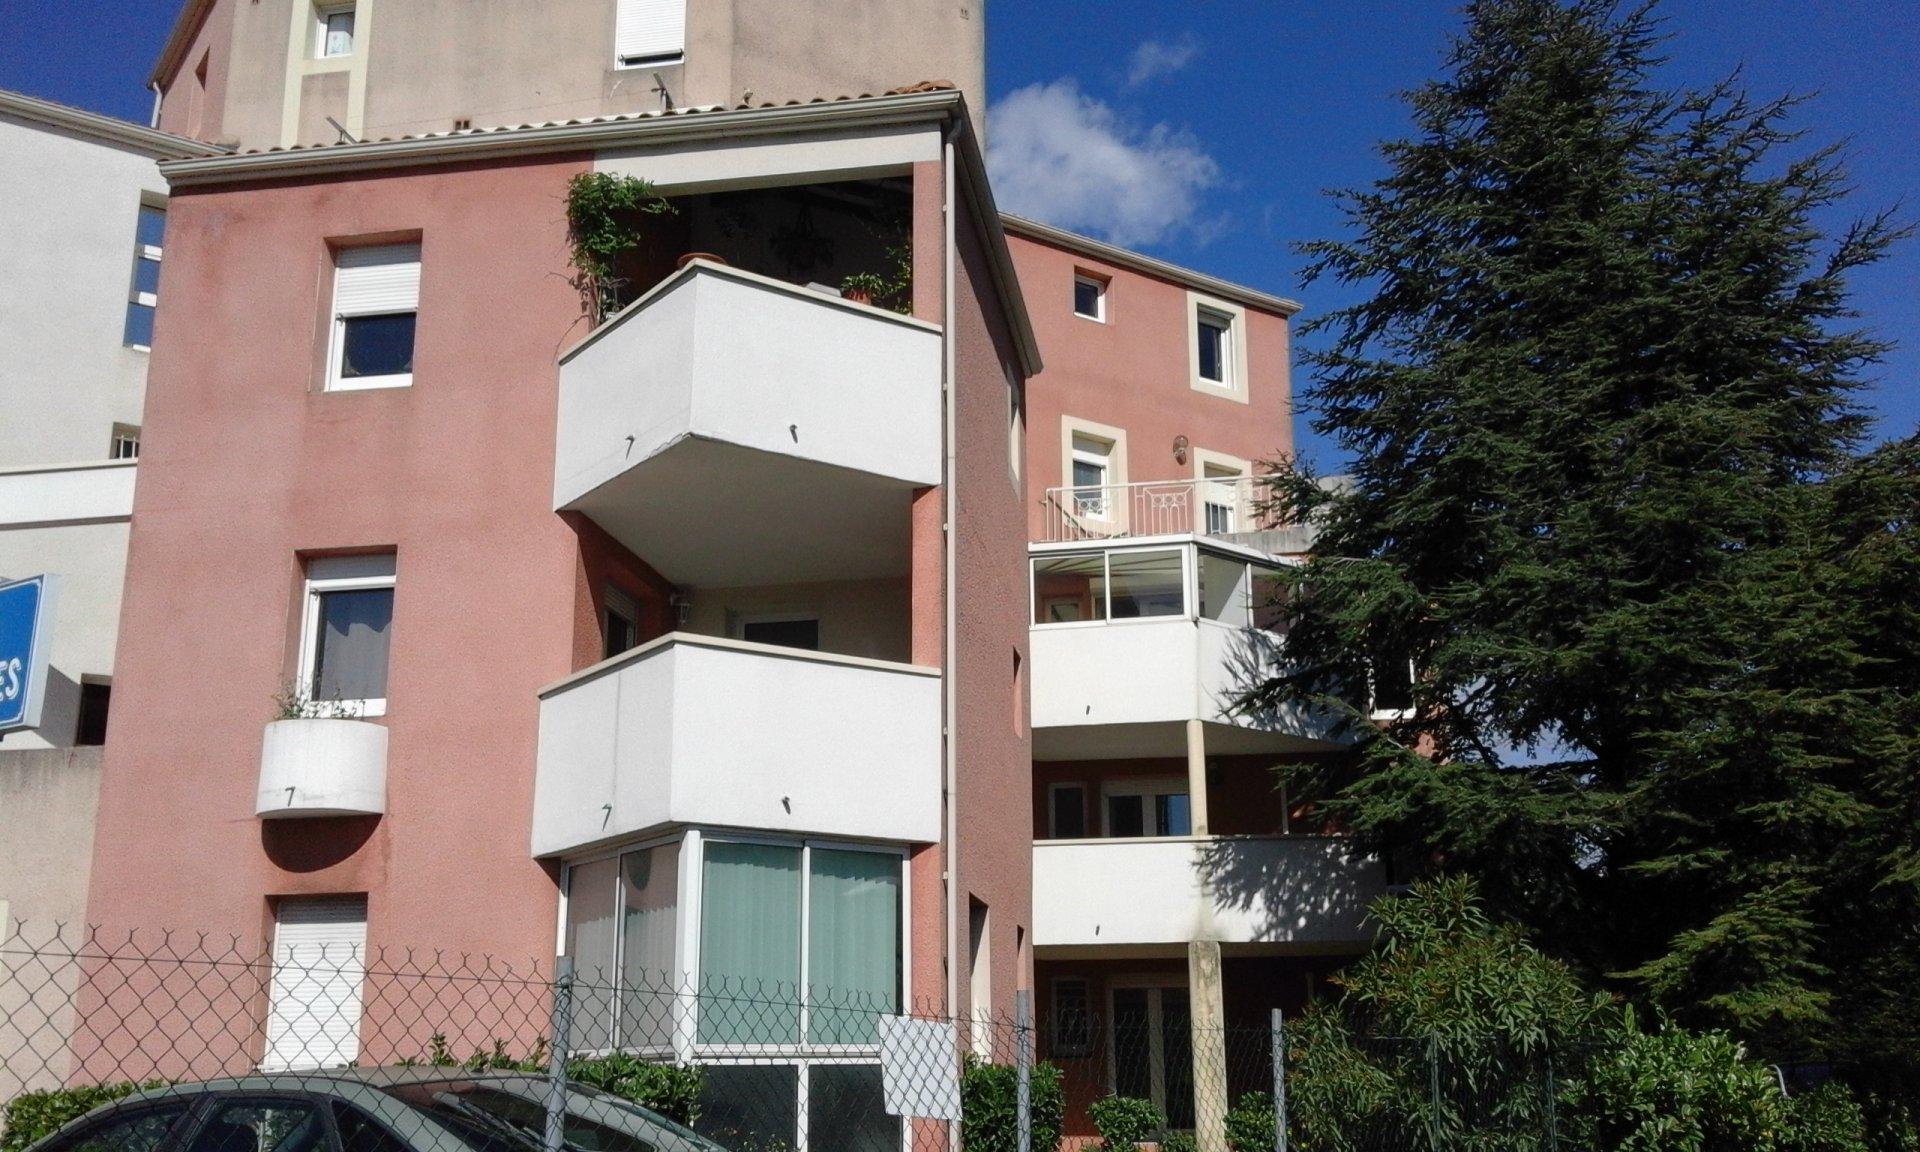 Pierrelatte, bel appartement T3 dans une résidence du centre ville avec ascenseur et garage